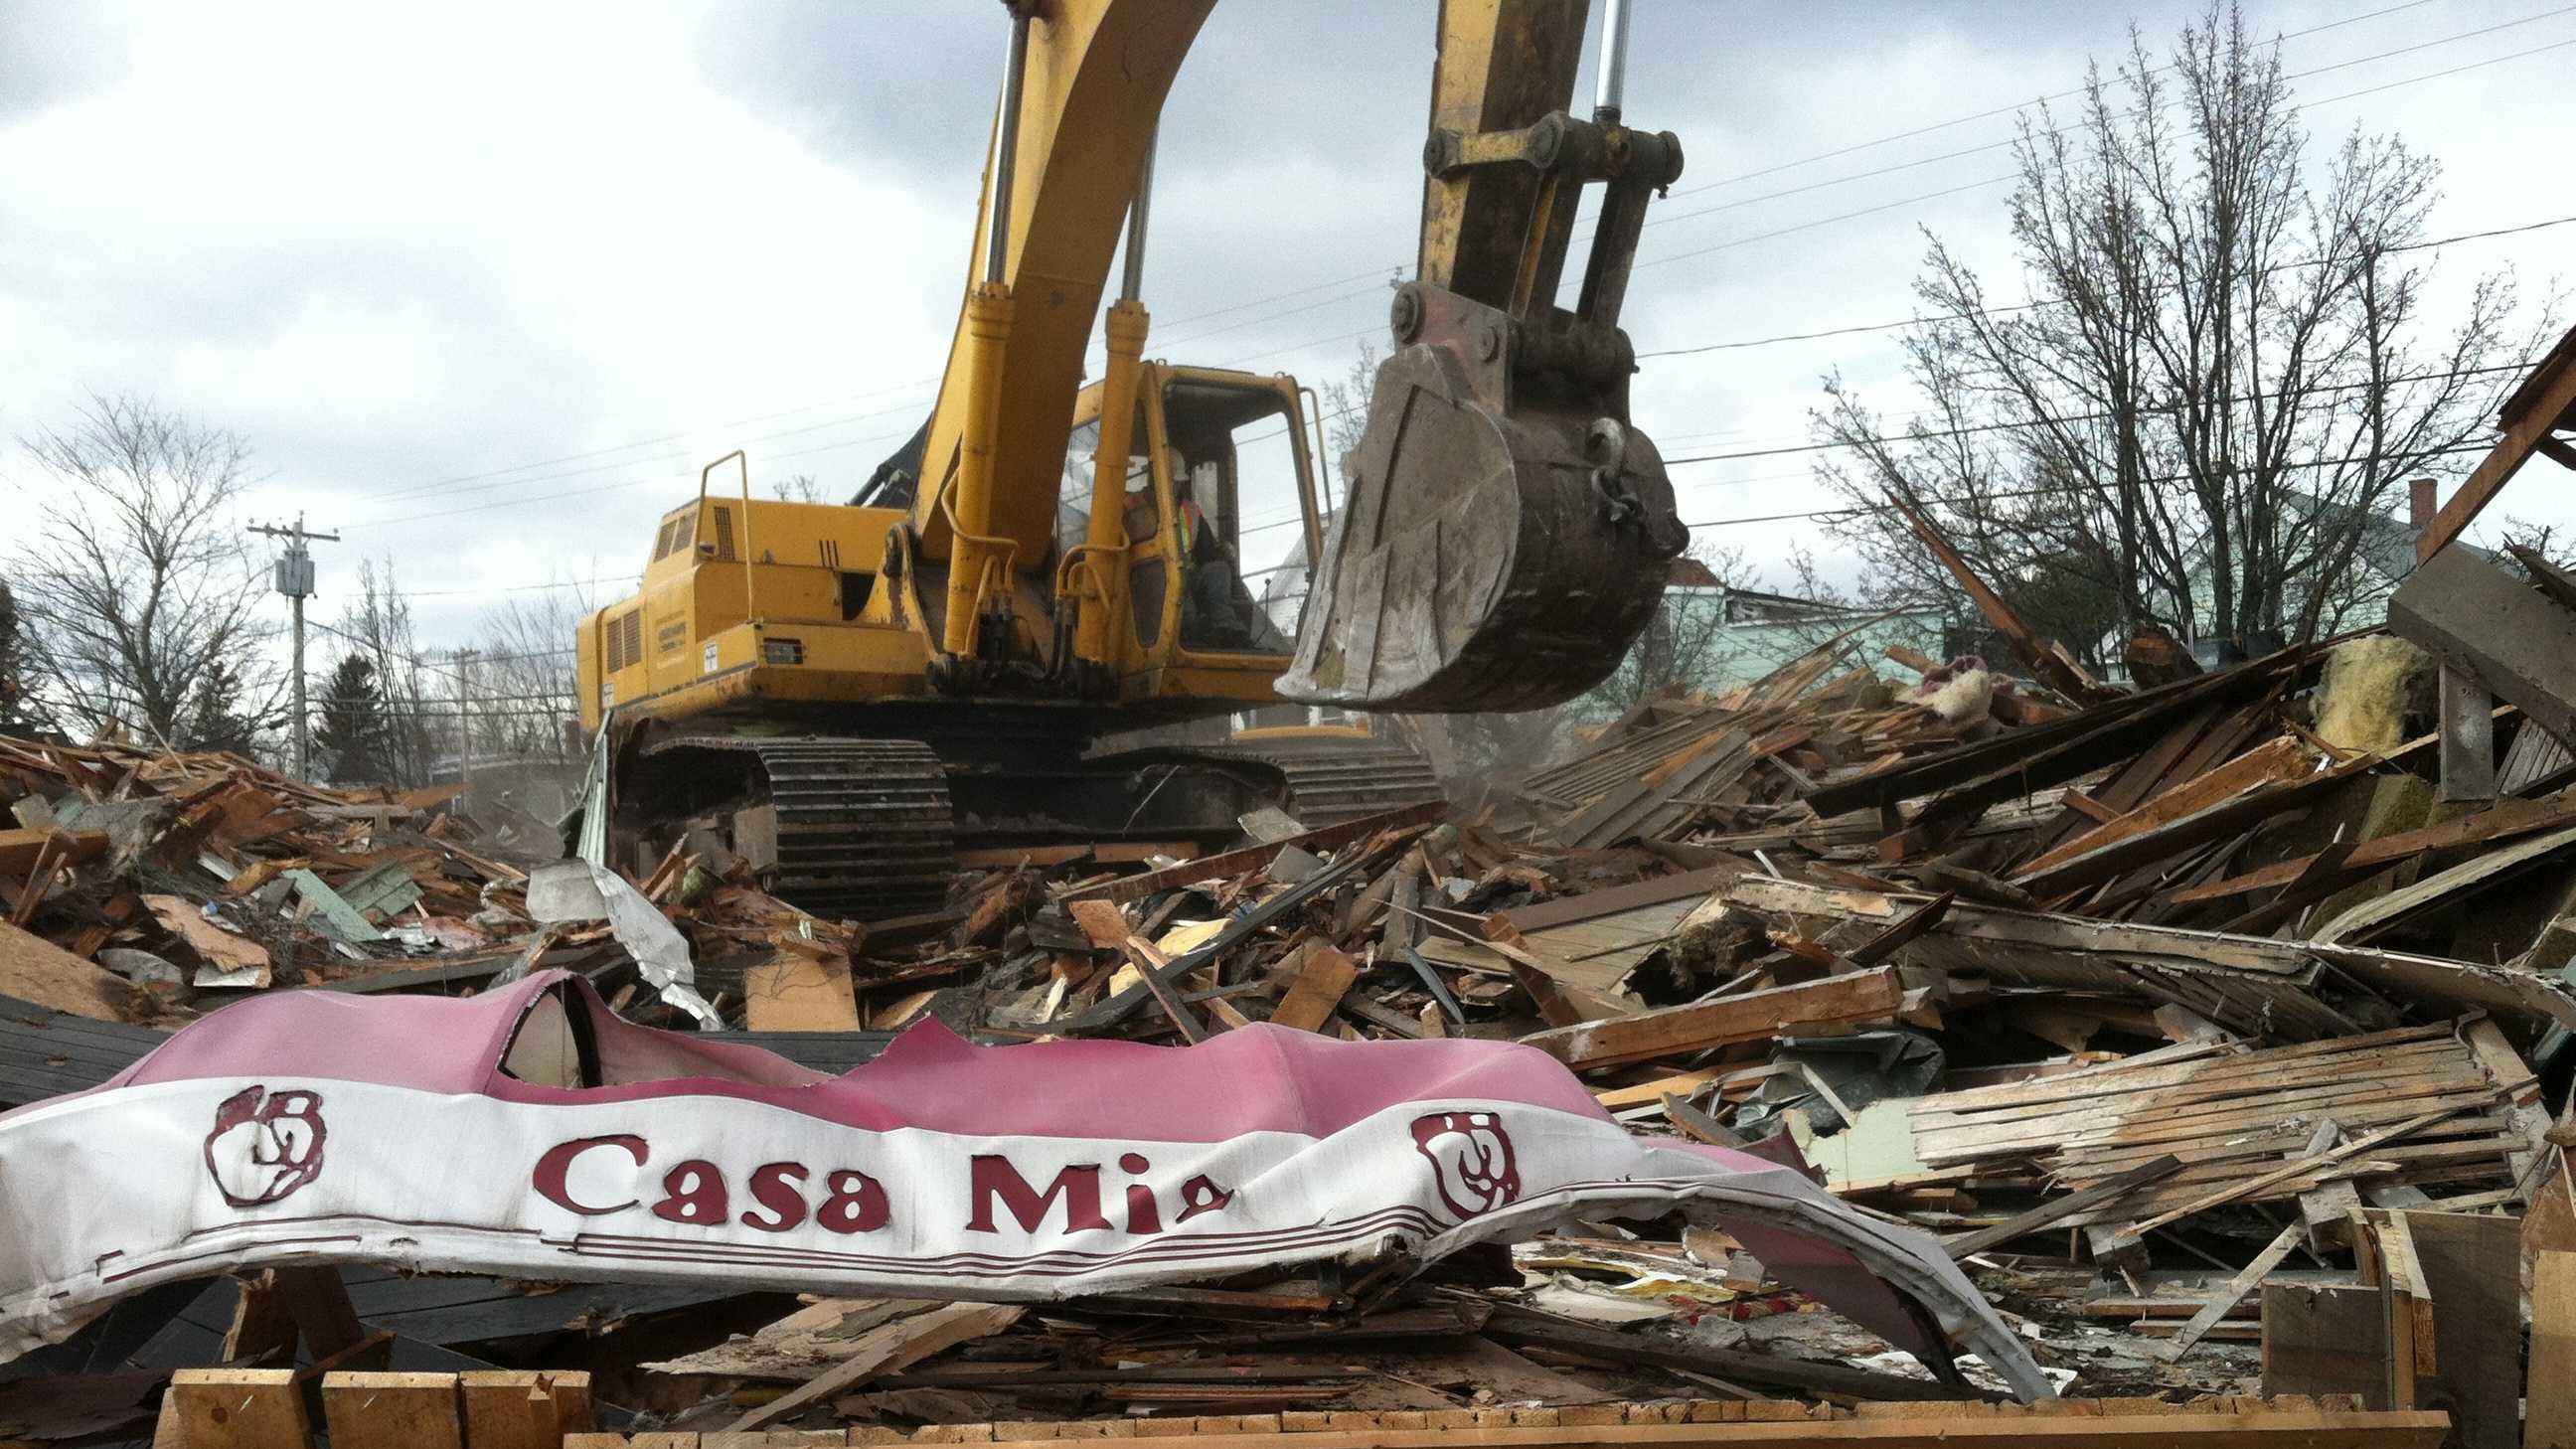 Graziano Demolition 4